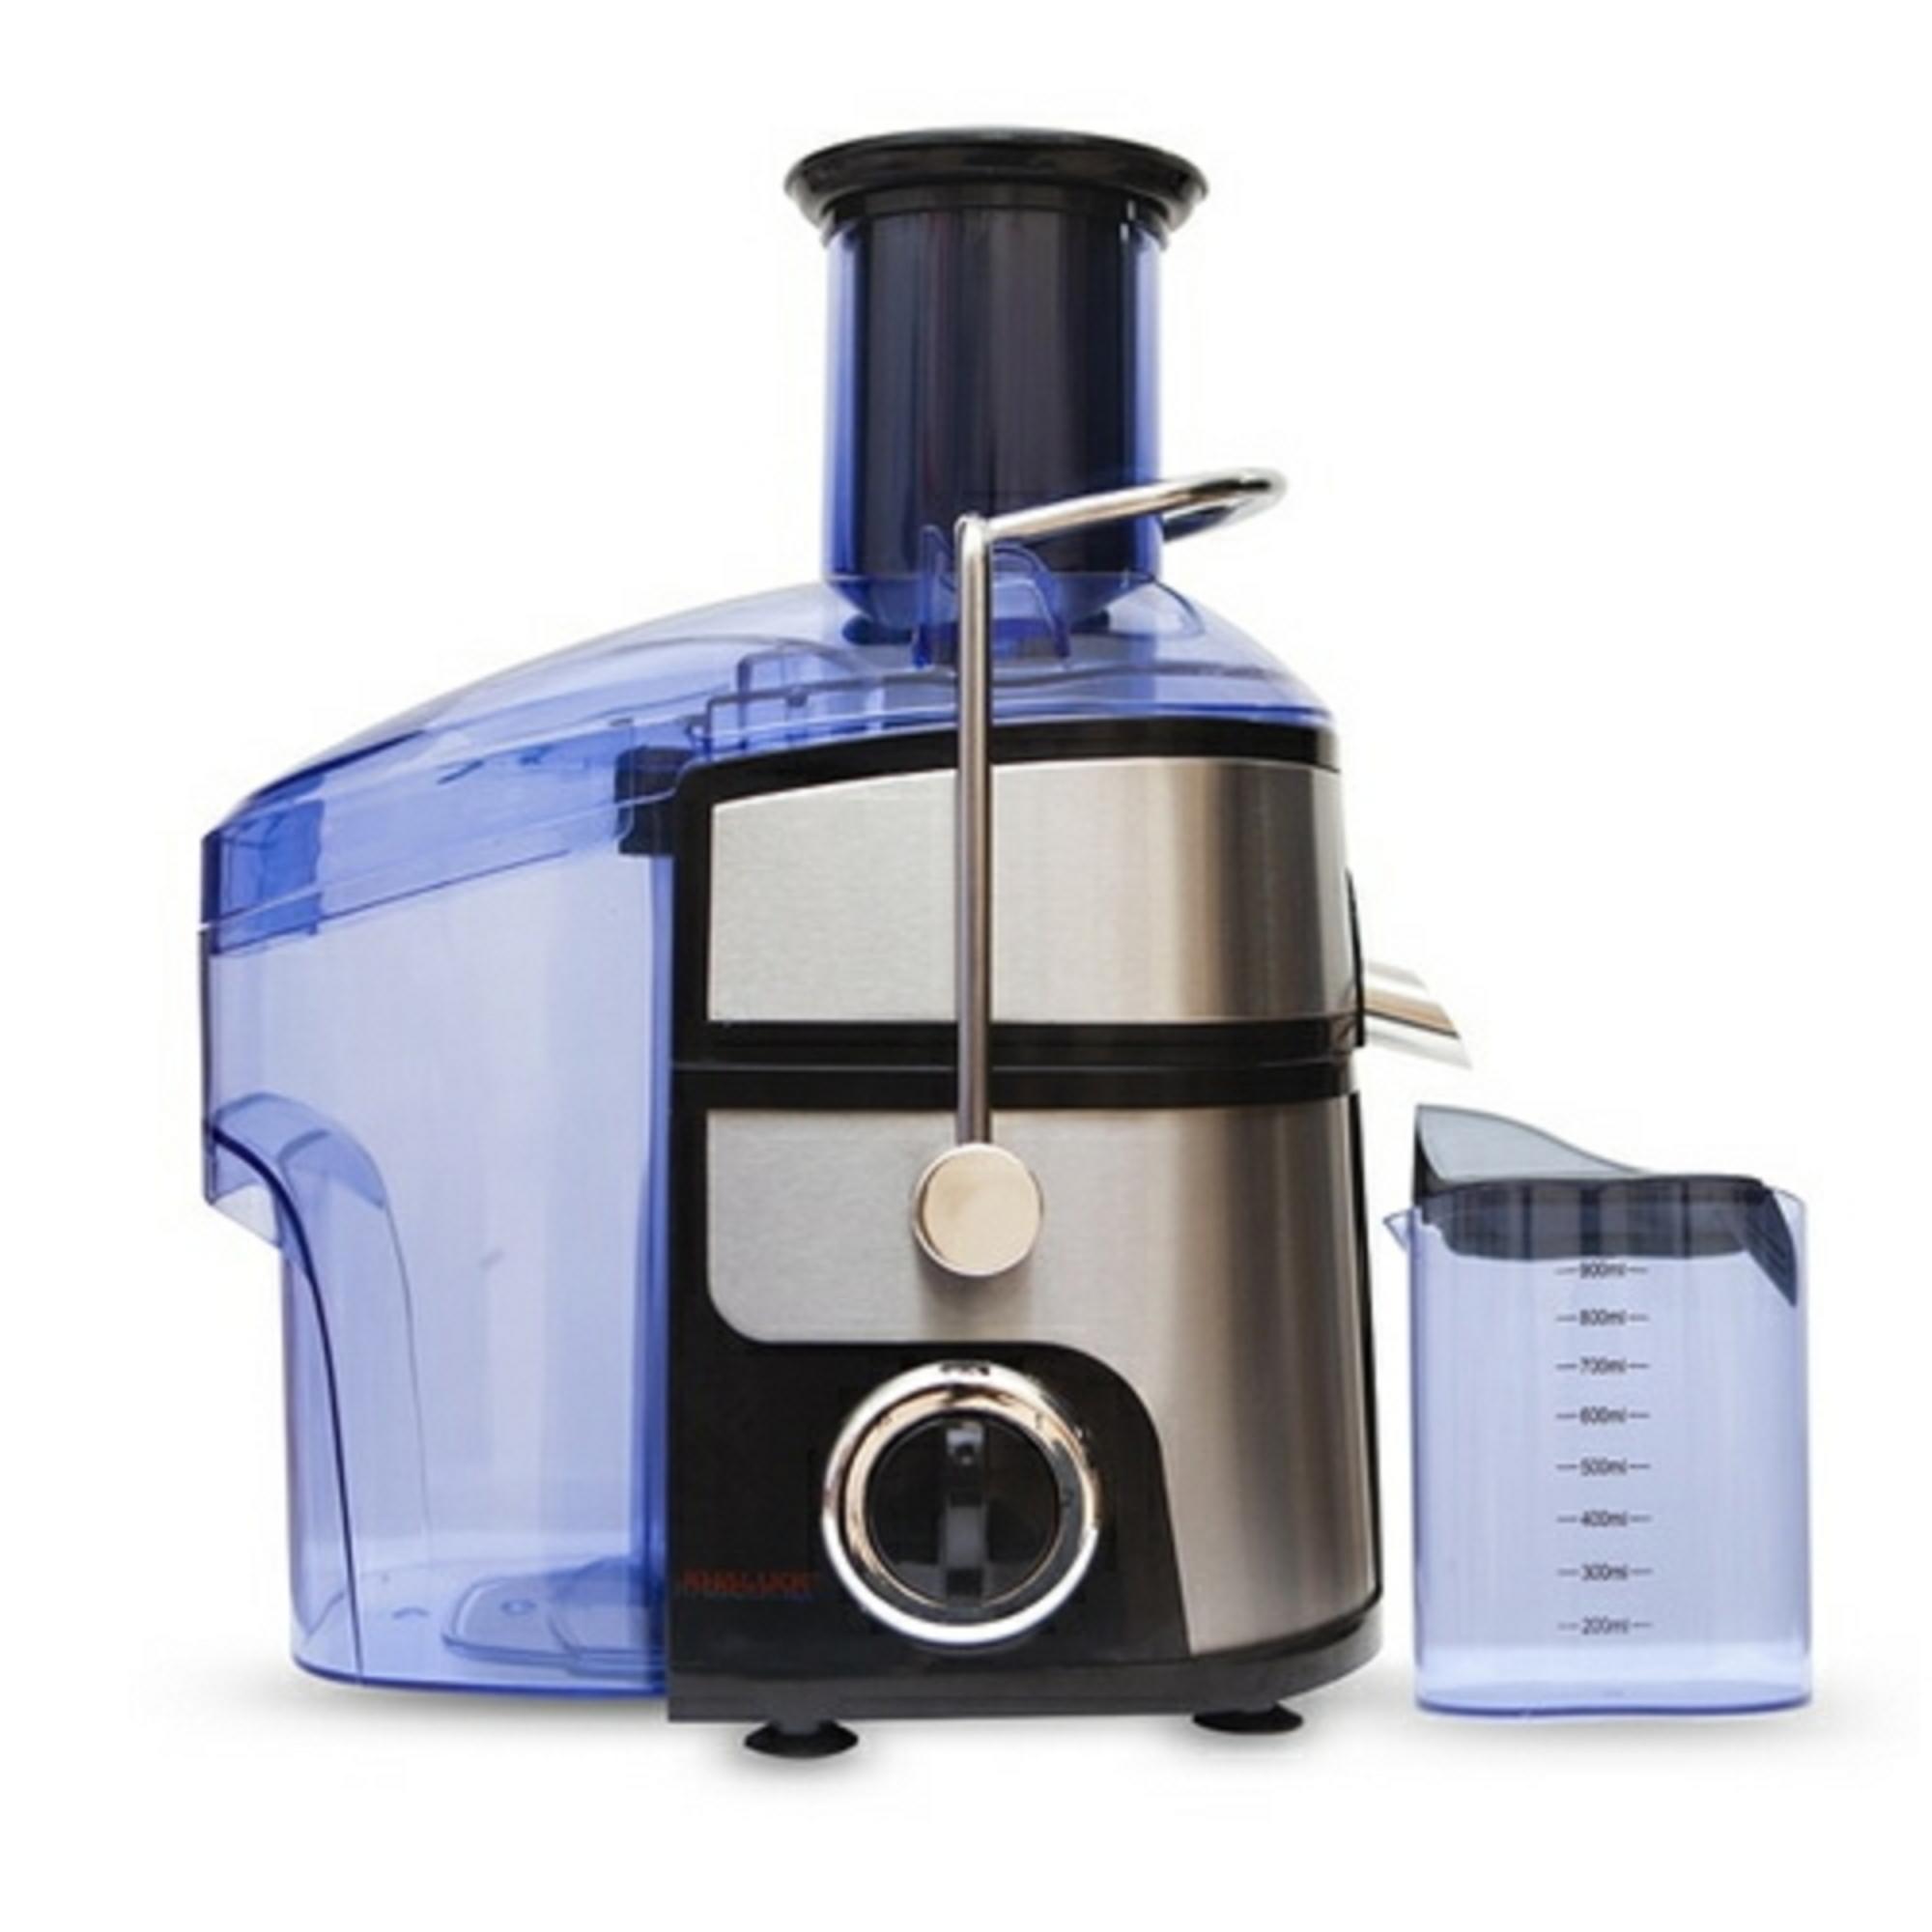 Máy ép Khaluck.Home KL-3169,Máy xay sinh tố là một loại máy được trang bị cối xay có những loại dao nhỏ, sắc và khỏe cùng bình chứa thực phẩm, khi hoạt động máy có thể thực hiện xay nhỏ thực phẩm theo yêu cầu của người sử dụng. Trong nhà bếp hiện đại, máy xay sinh tố là thiết bị không thể thiếu để người nội trợ có thể chế biến những món đồ uống: sinh tố, trà túi lọc đá, nước hoa quả mà còn giúp họ chế biến những món ăn tiết kiệm thời gian gian nhất.